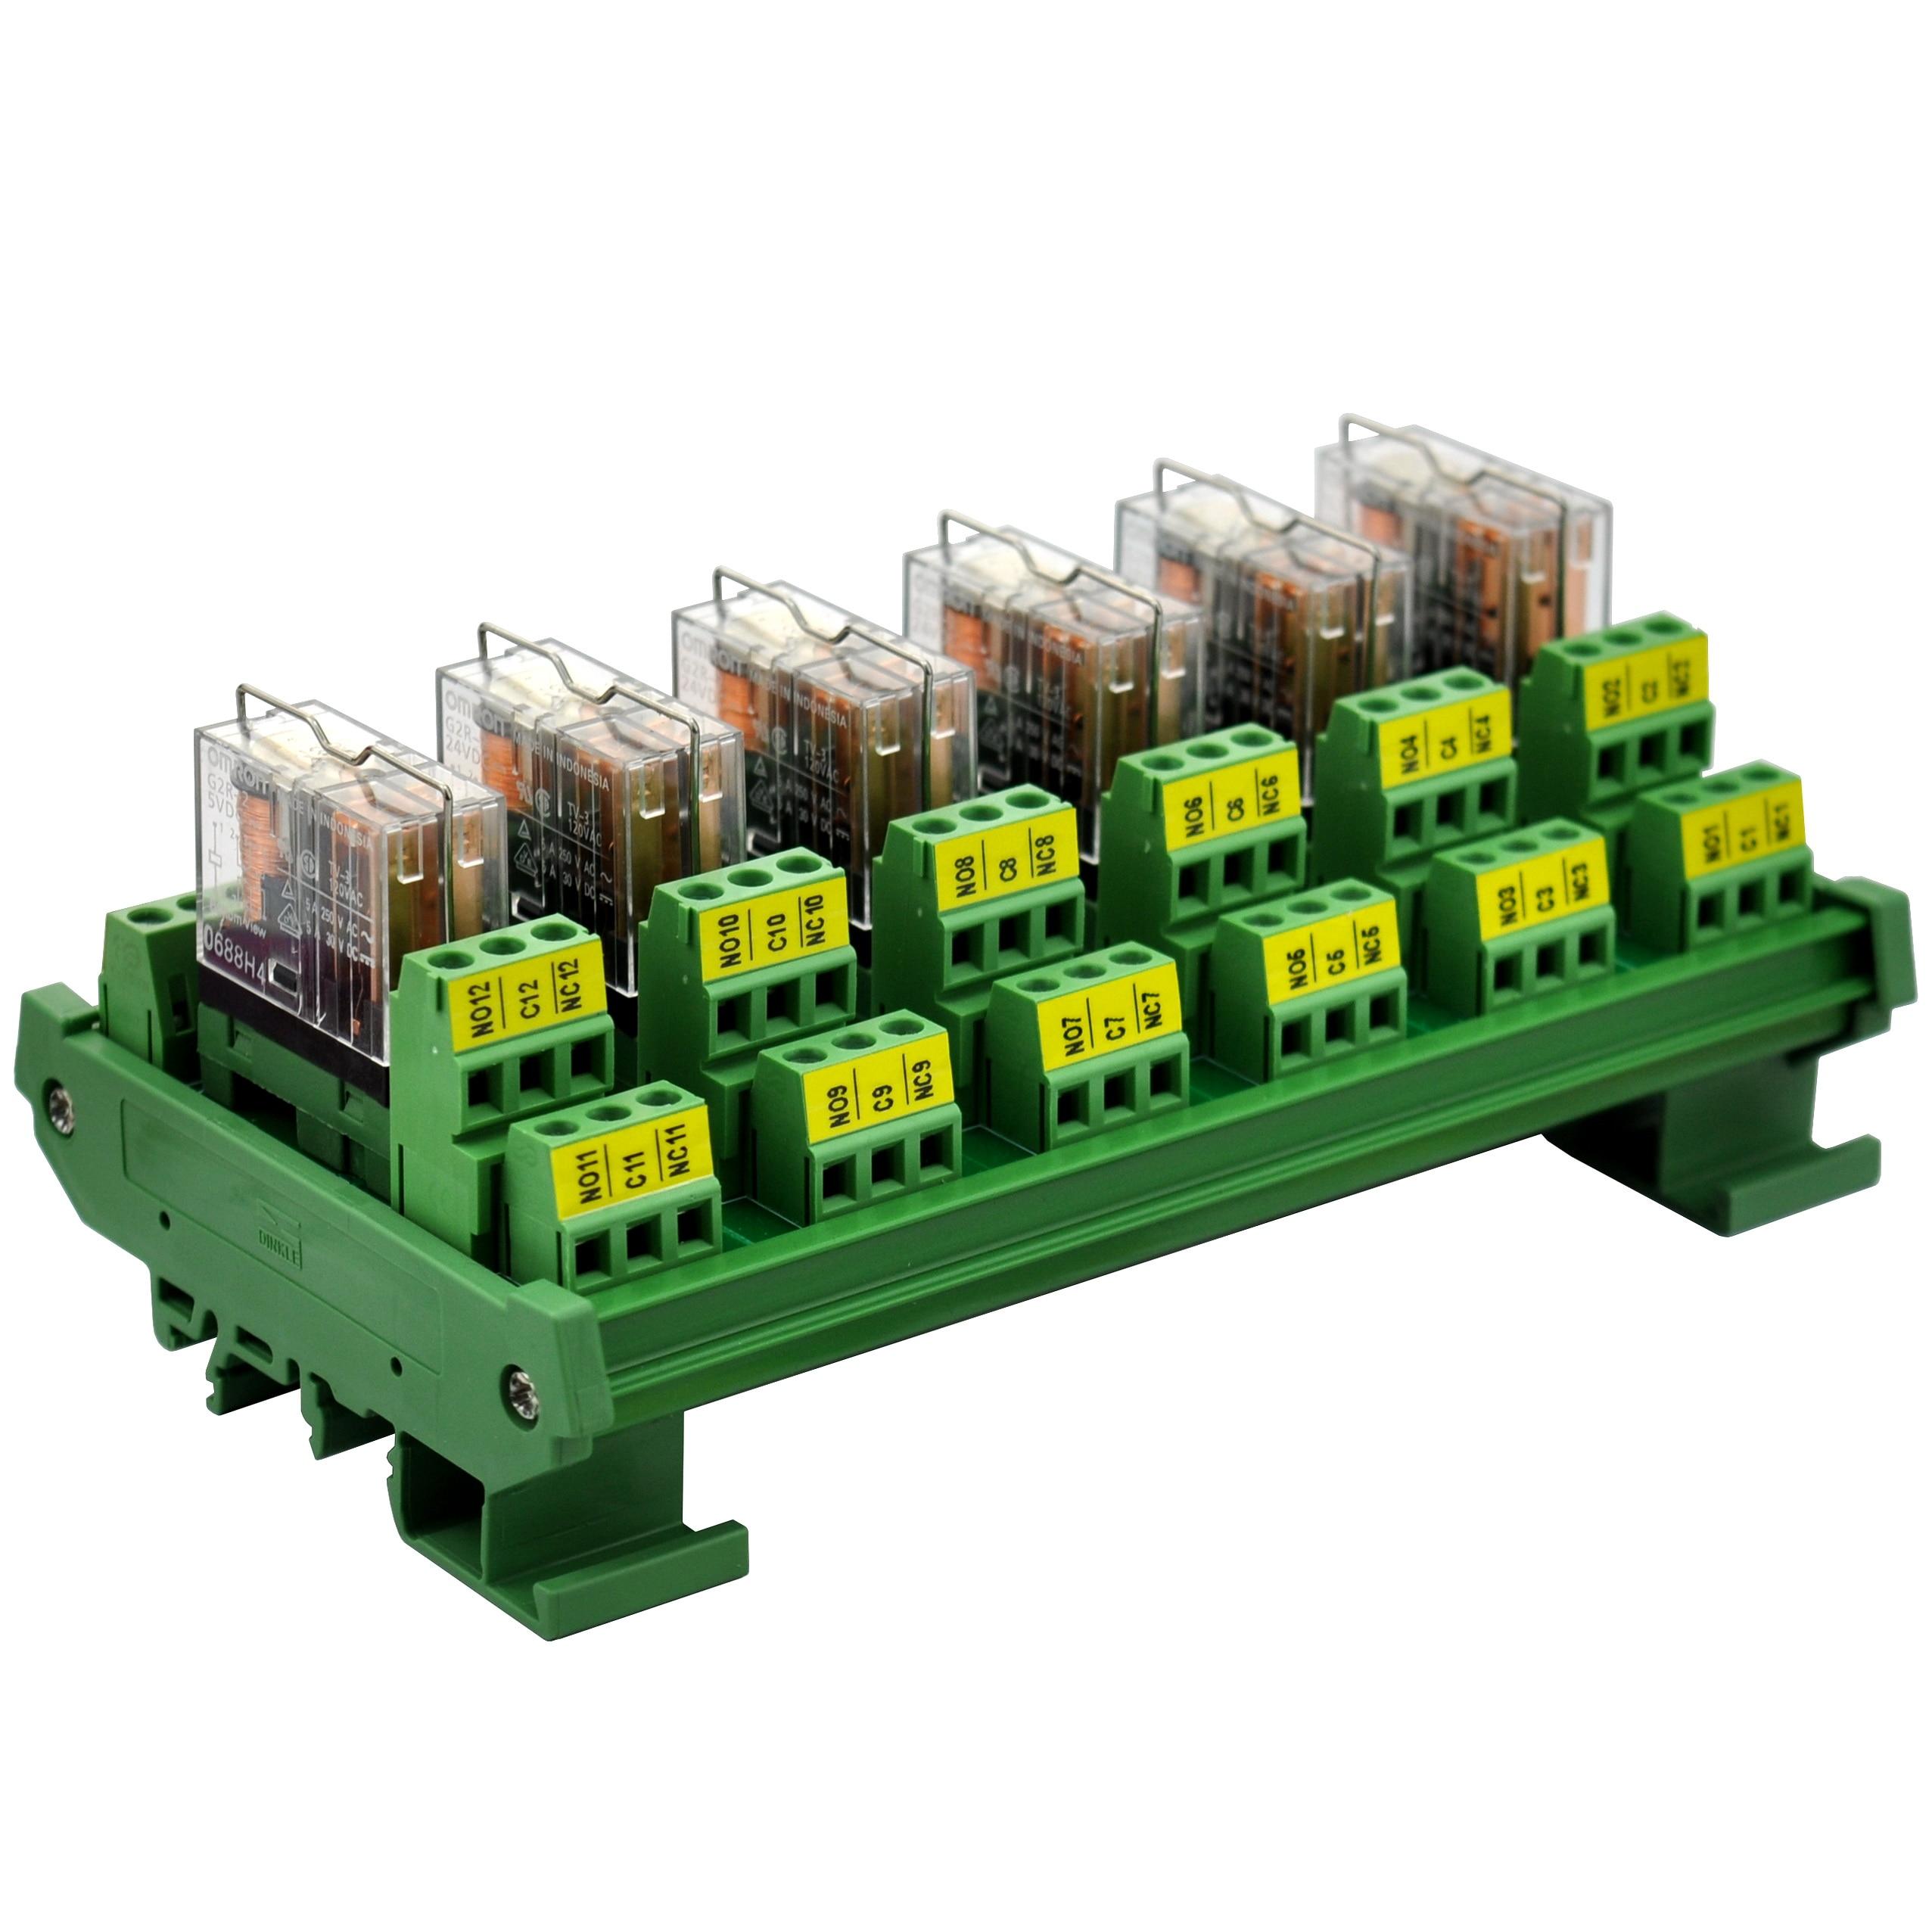 Электроника-салон DIN рейку крепление AC/DC 5V управления 6 DPDT 5Amp Подключаемый модуль интерфейса реле питания